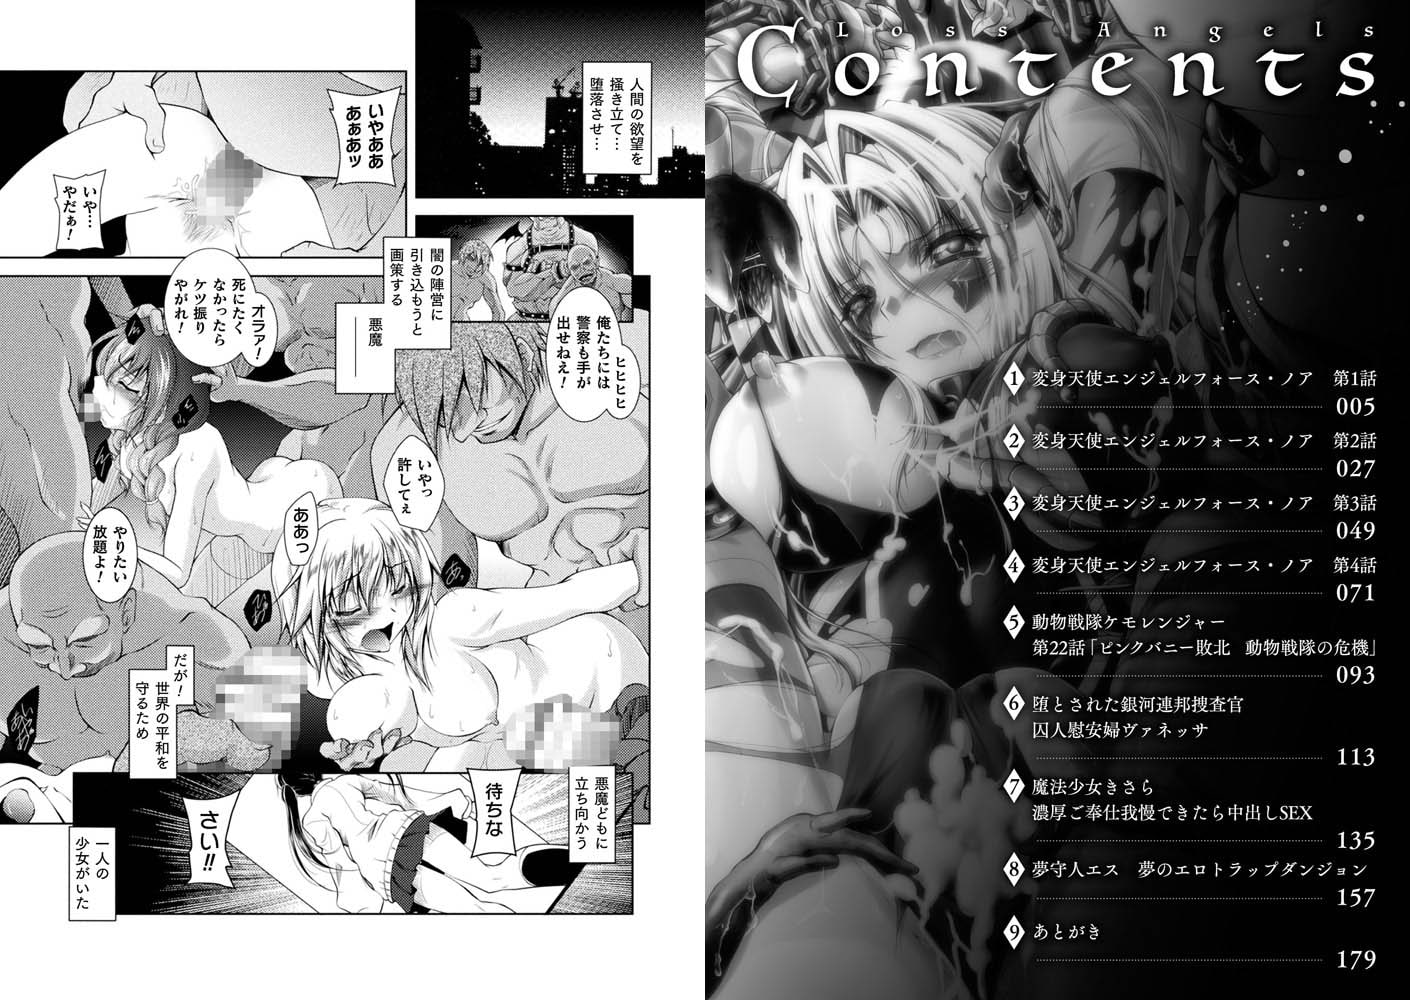 【触手】ぱふぇ先生2冊パック(202010)のサンプル画像